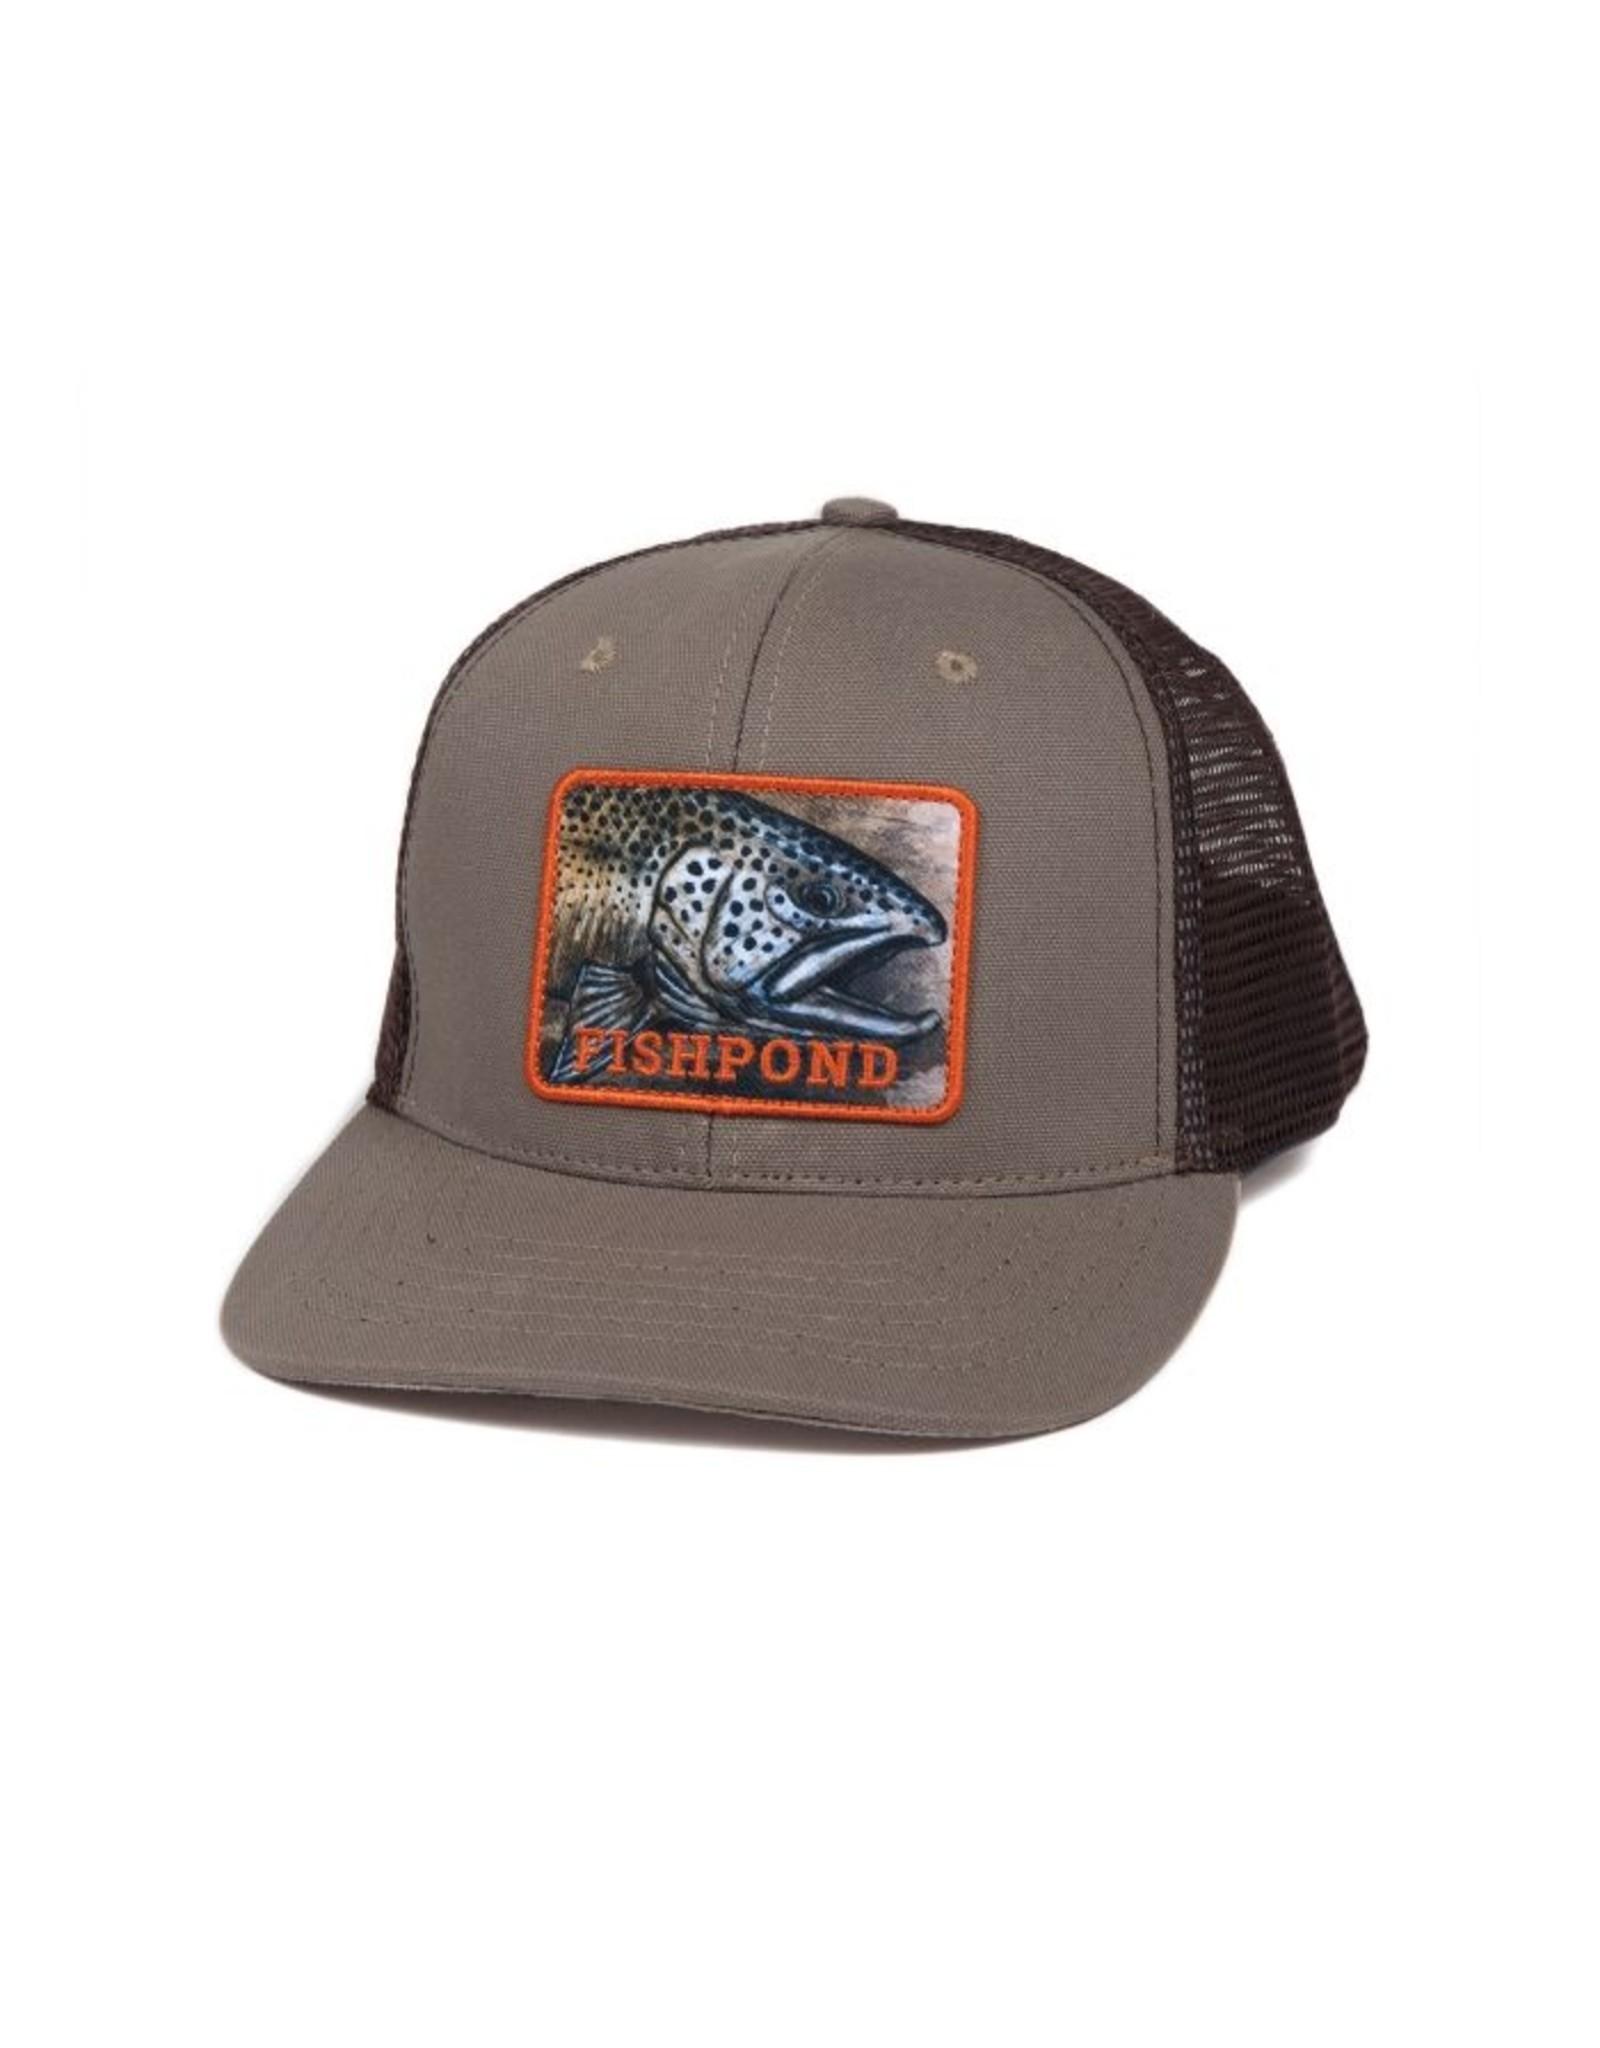 Fishpond Fishpond - Slab Trucker Hat - Sandstone / Brown